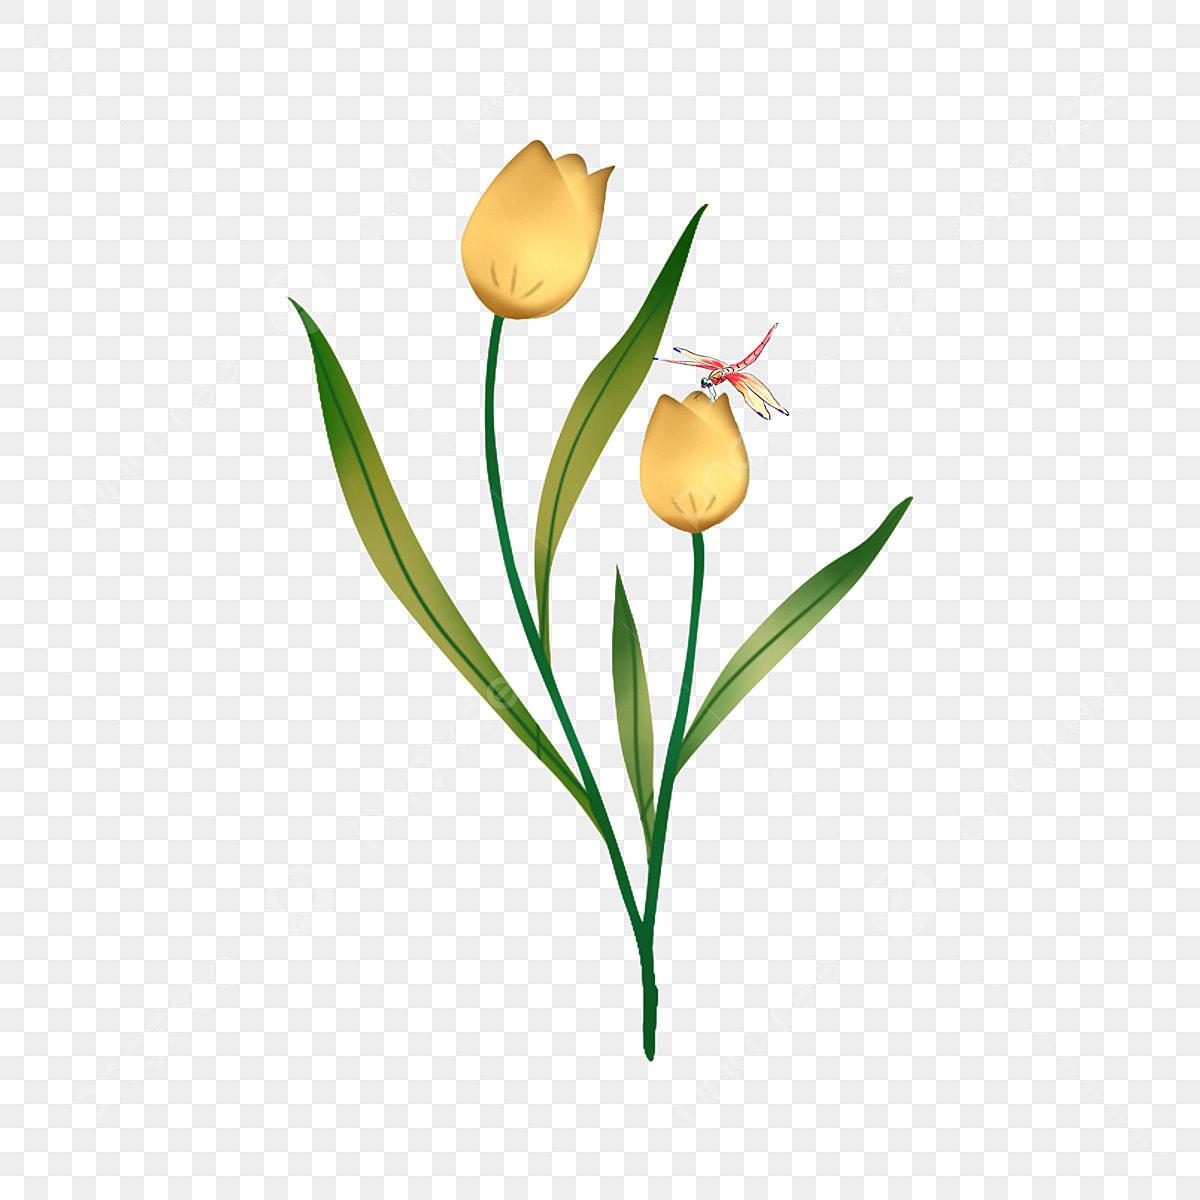 dessin de la tulipe dessin peint  u00e0 la main tulipe png et